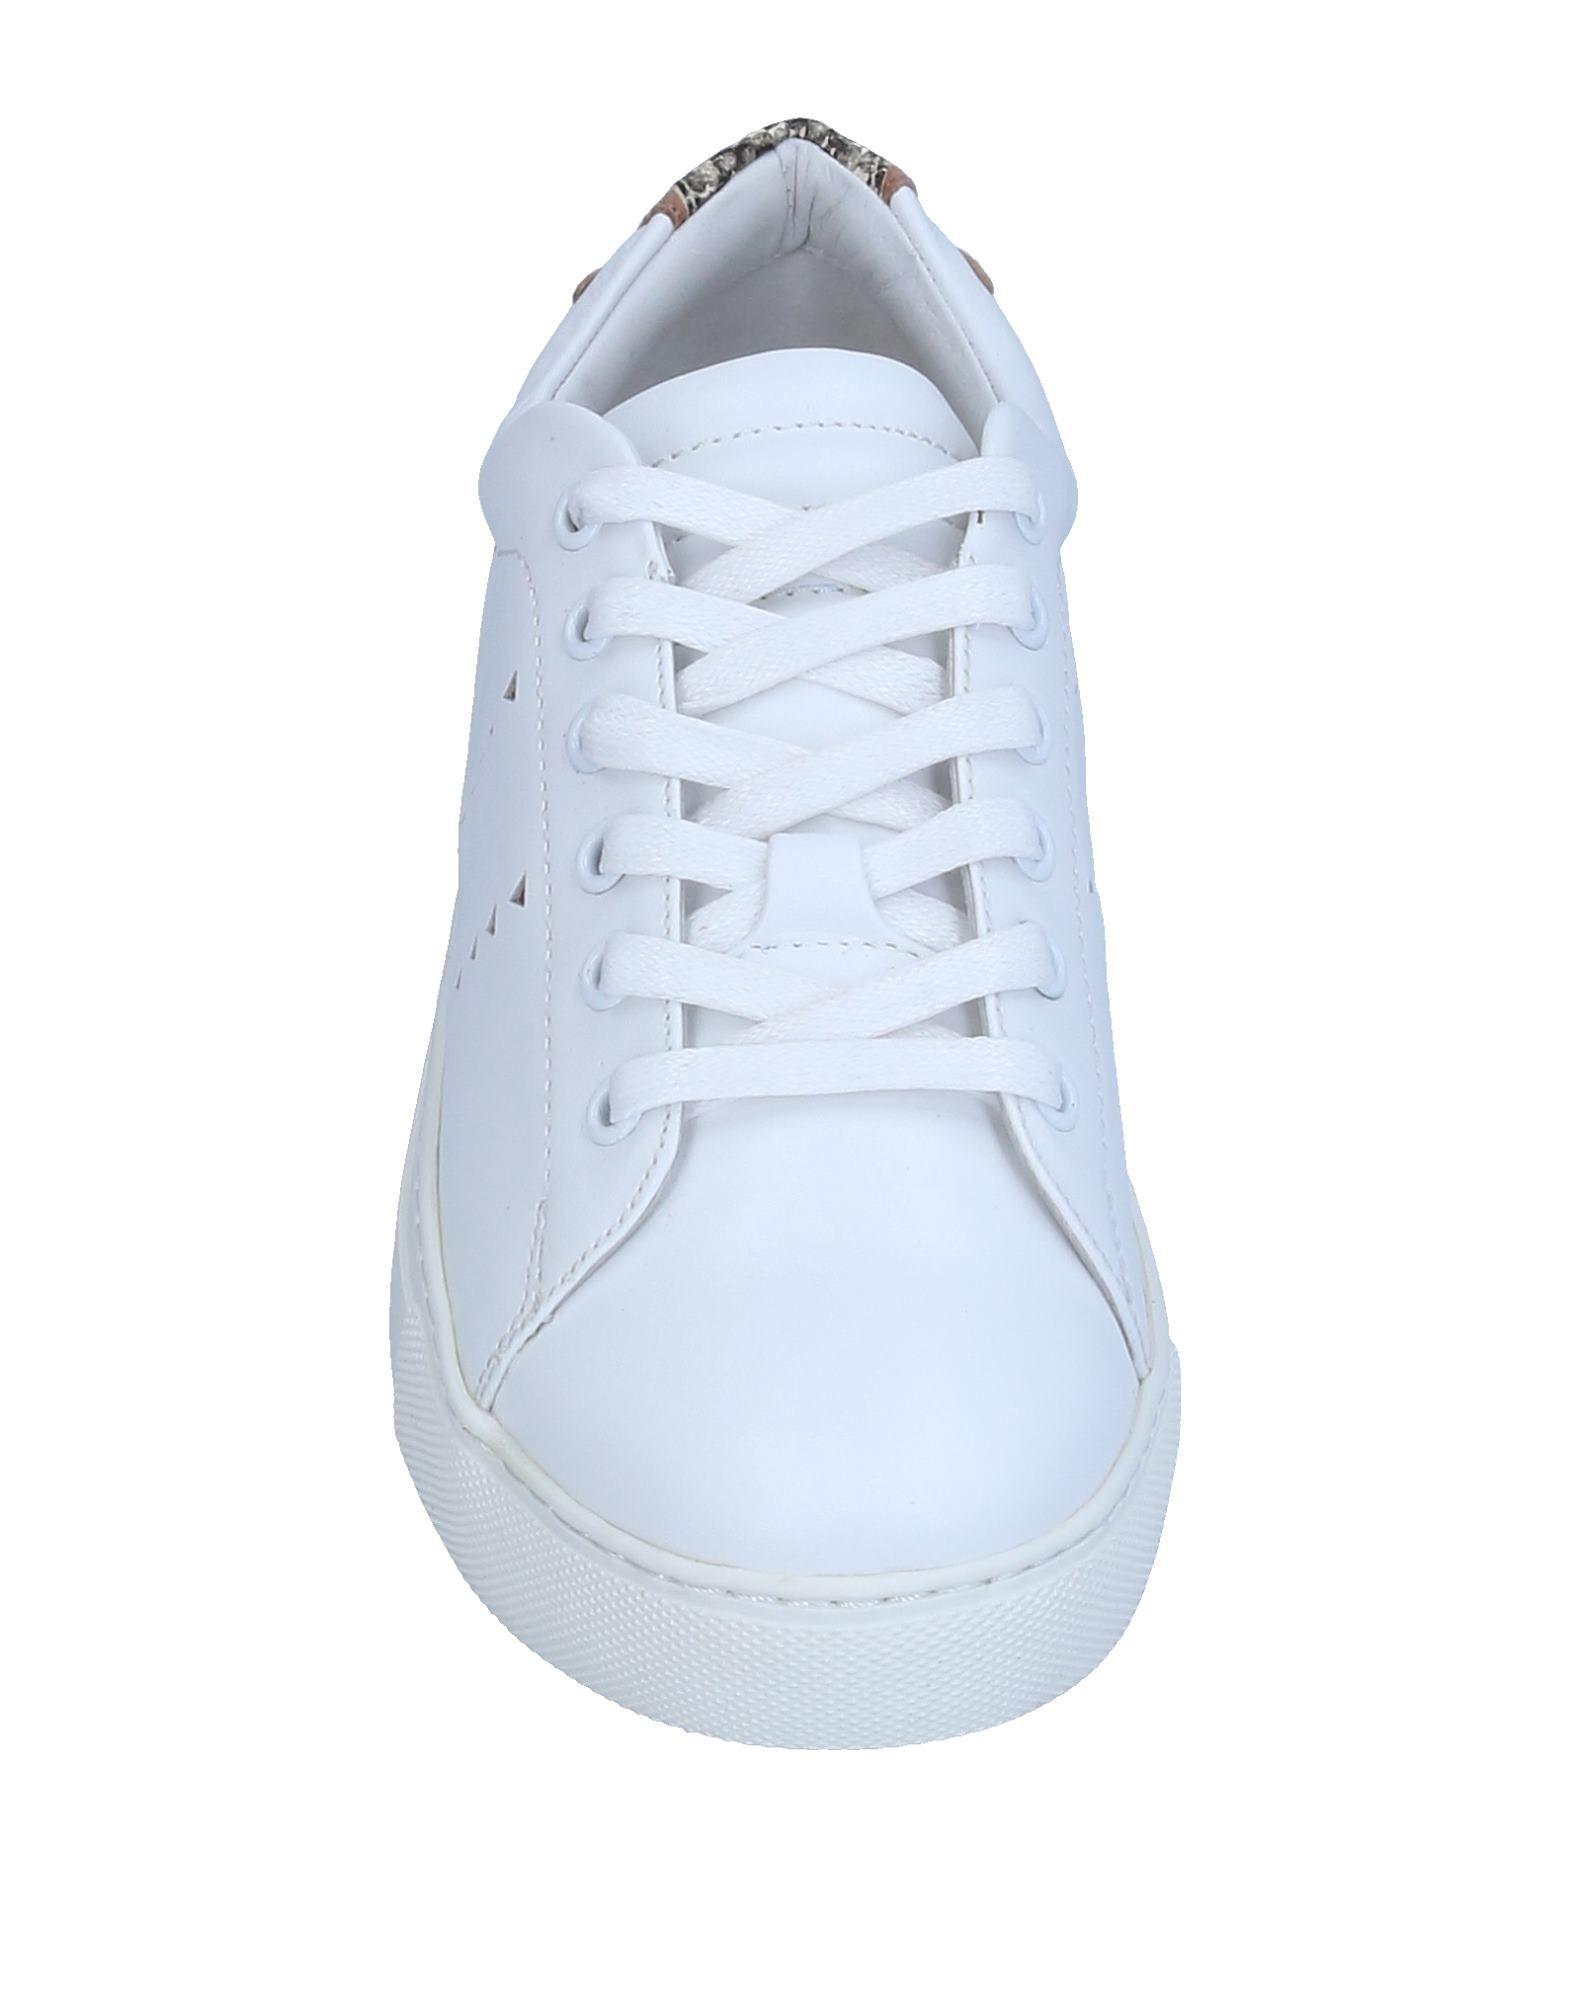 Gut um Cruz billige Schuhe zu tragenLola Cruz um Sneakers Damen  11347018MX 32eef4